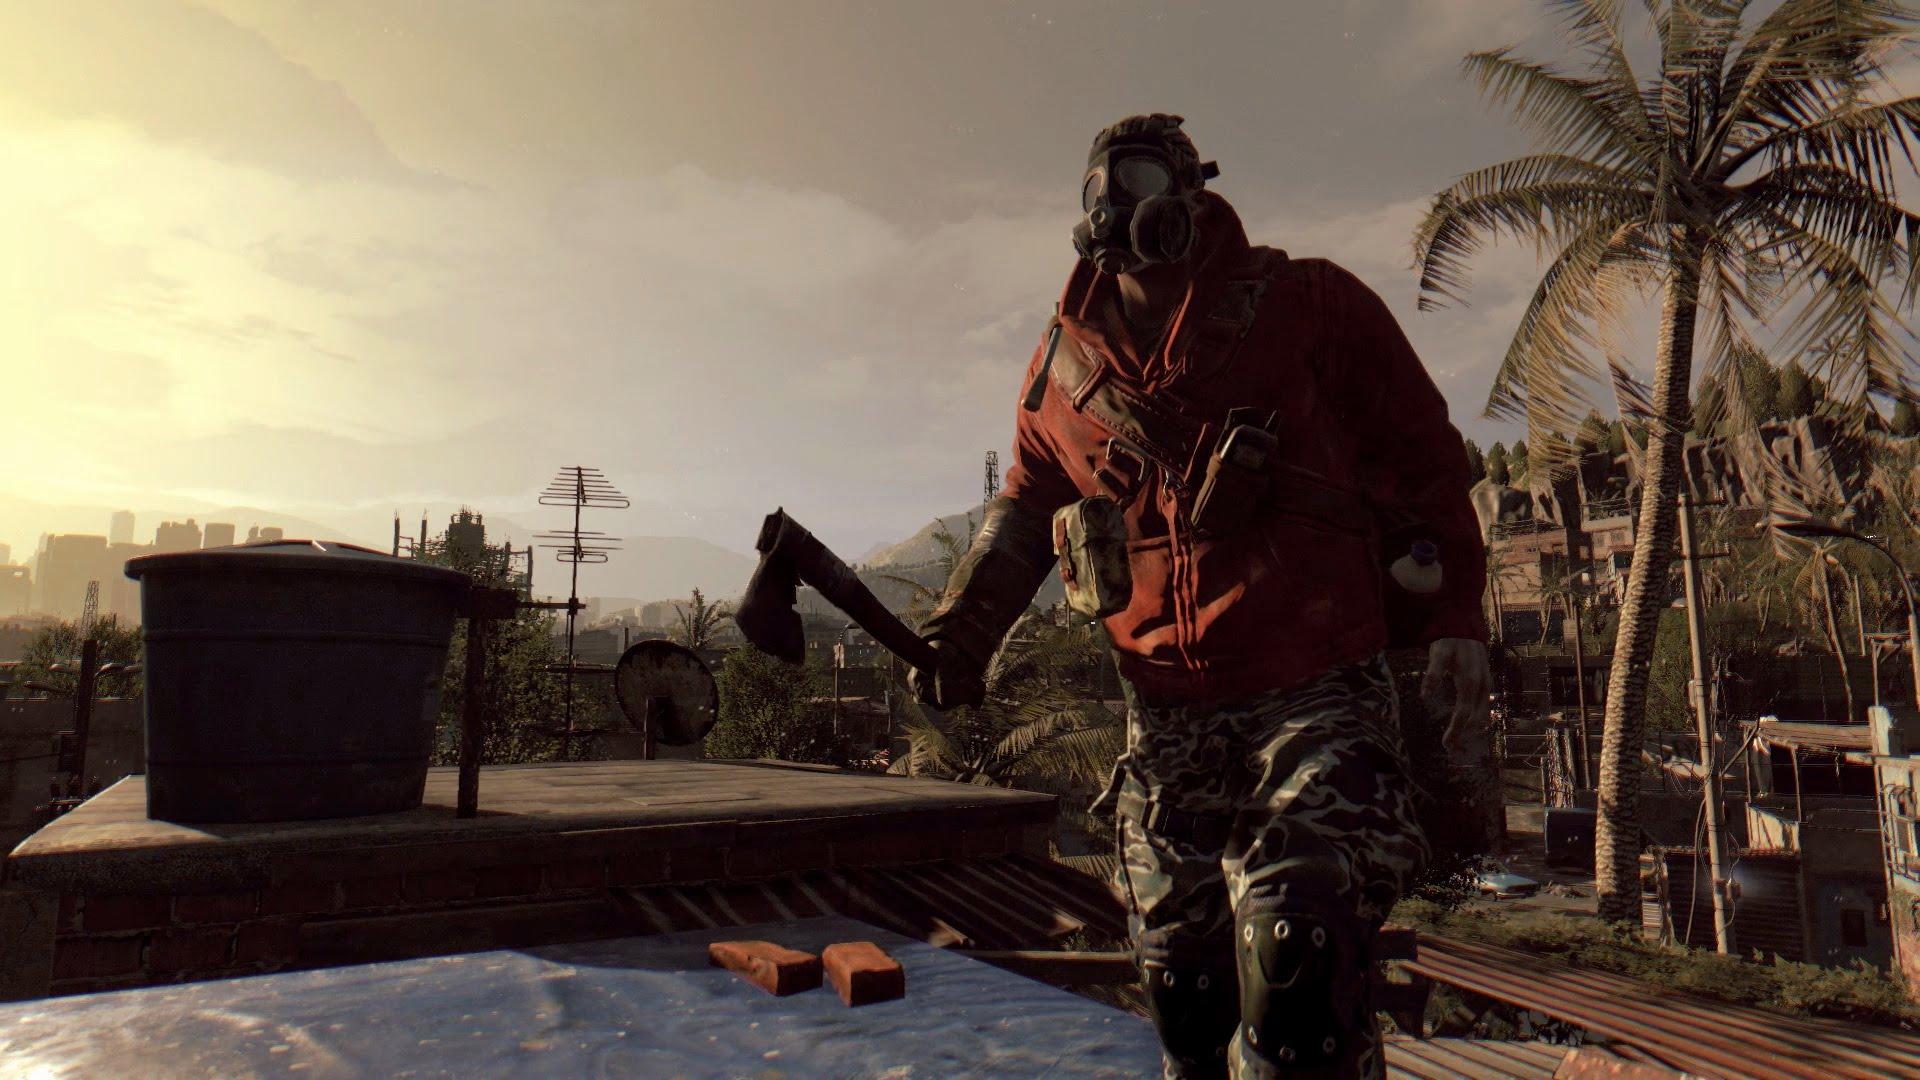 『ダイイングライト』PS3/Xbox360版の発売中止が決定―PS4/XboxOne版のクオリティアップを図るため